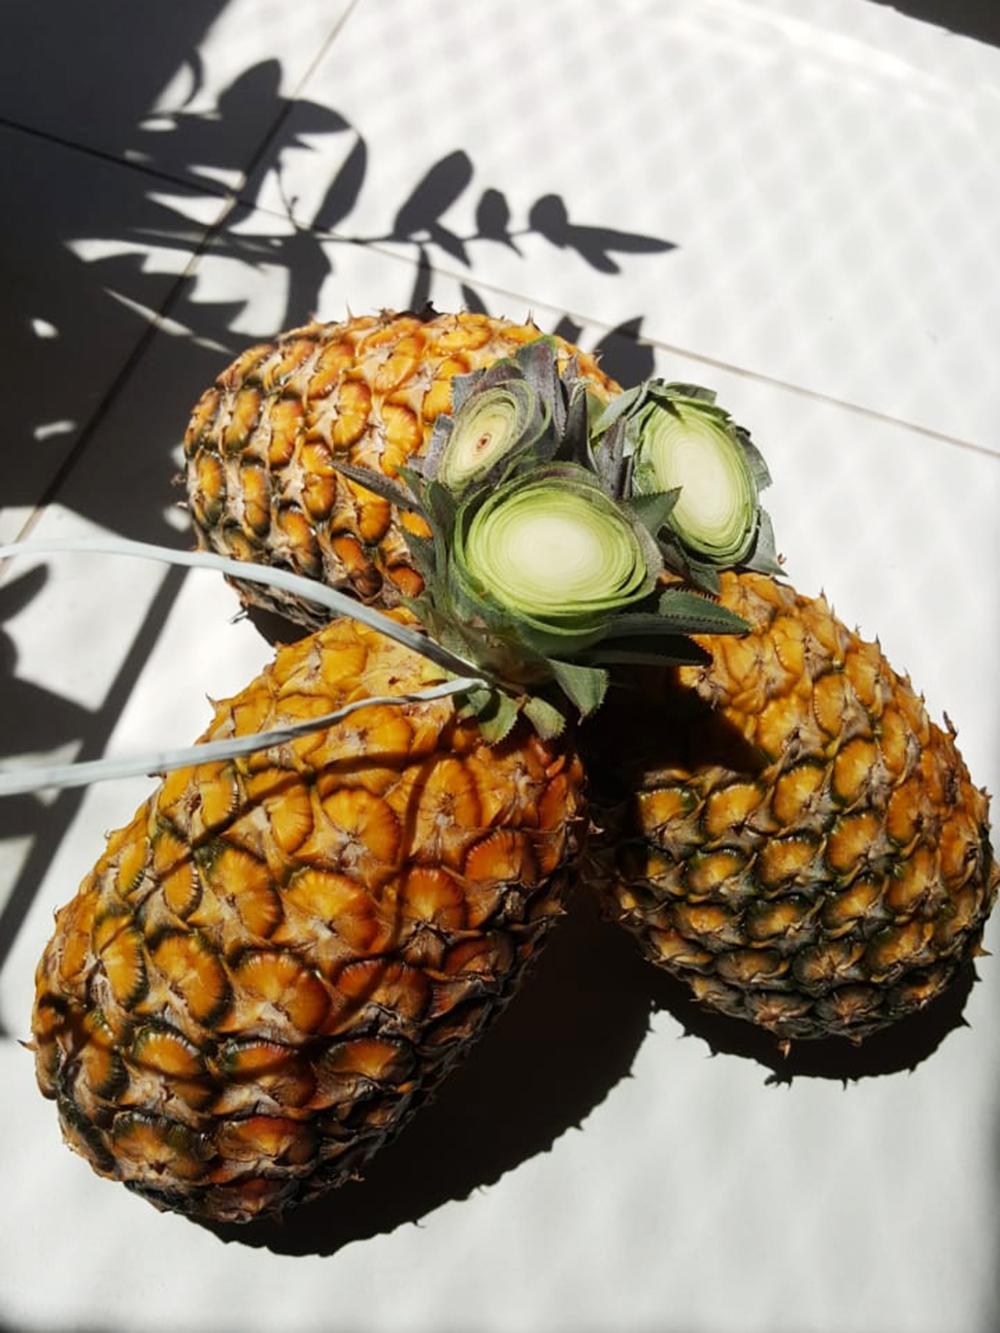 Таких вкусных ананасов я еще в жизни не ела! По вкусу будто консервированные с сиропом, но они натуральные